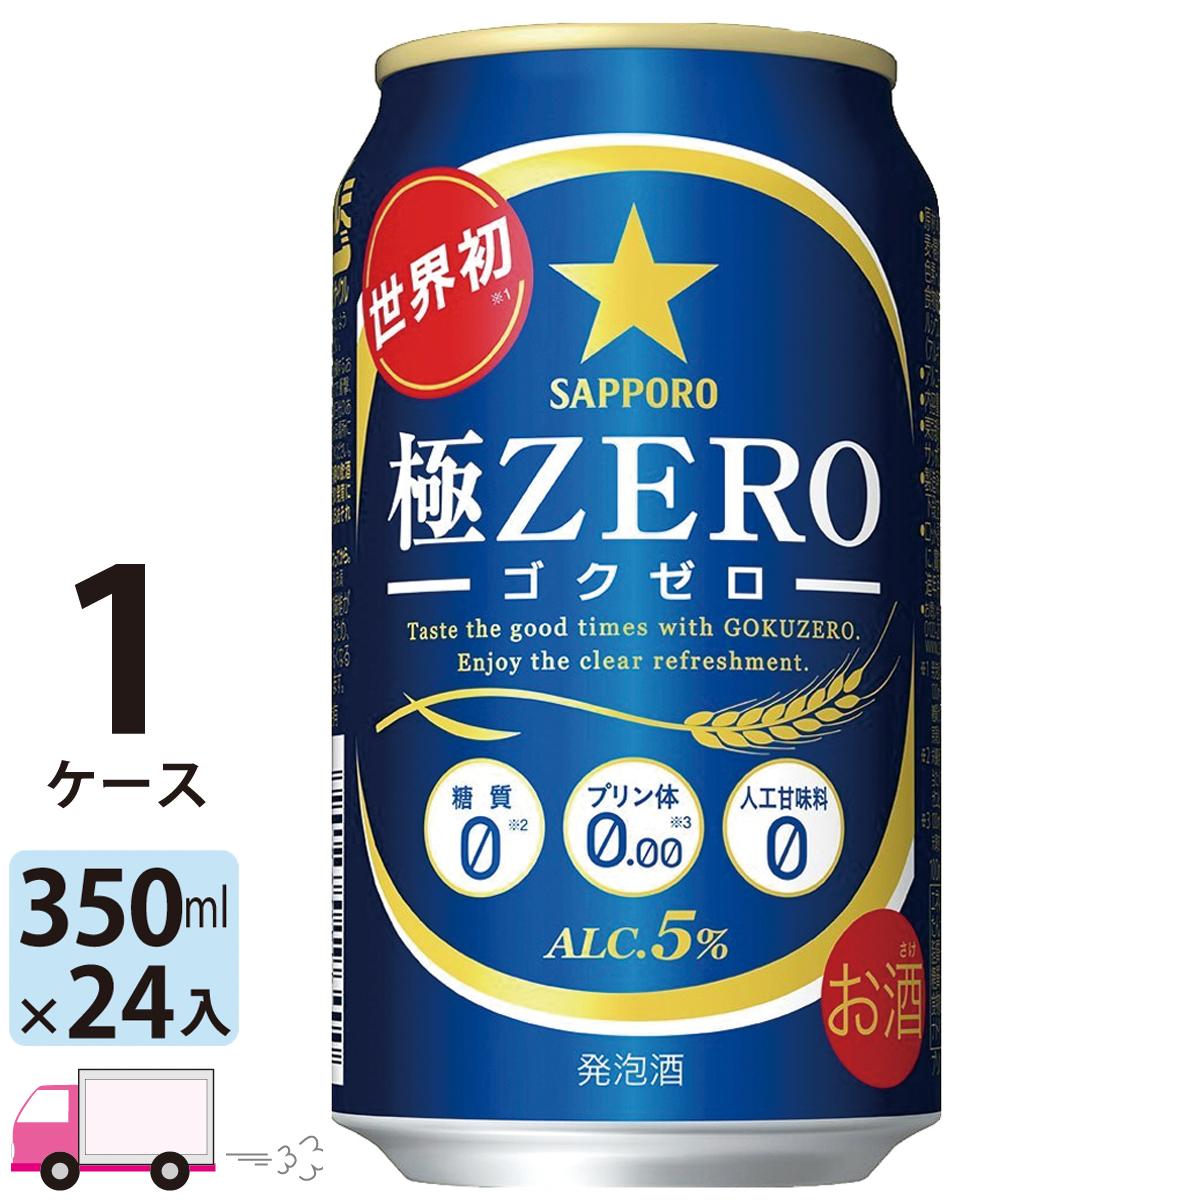 世界初!3つのゼロは極ZERO! 送料無料 サッポロ ビール 極ZERO ゴクゼロ 350ml 24缶入 1ケース (24本)